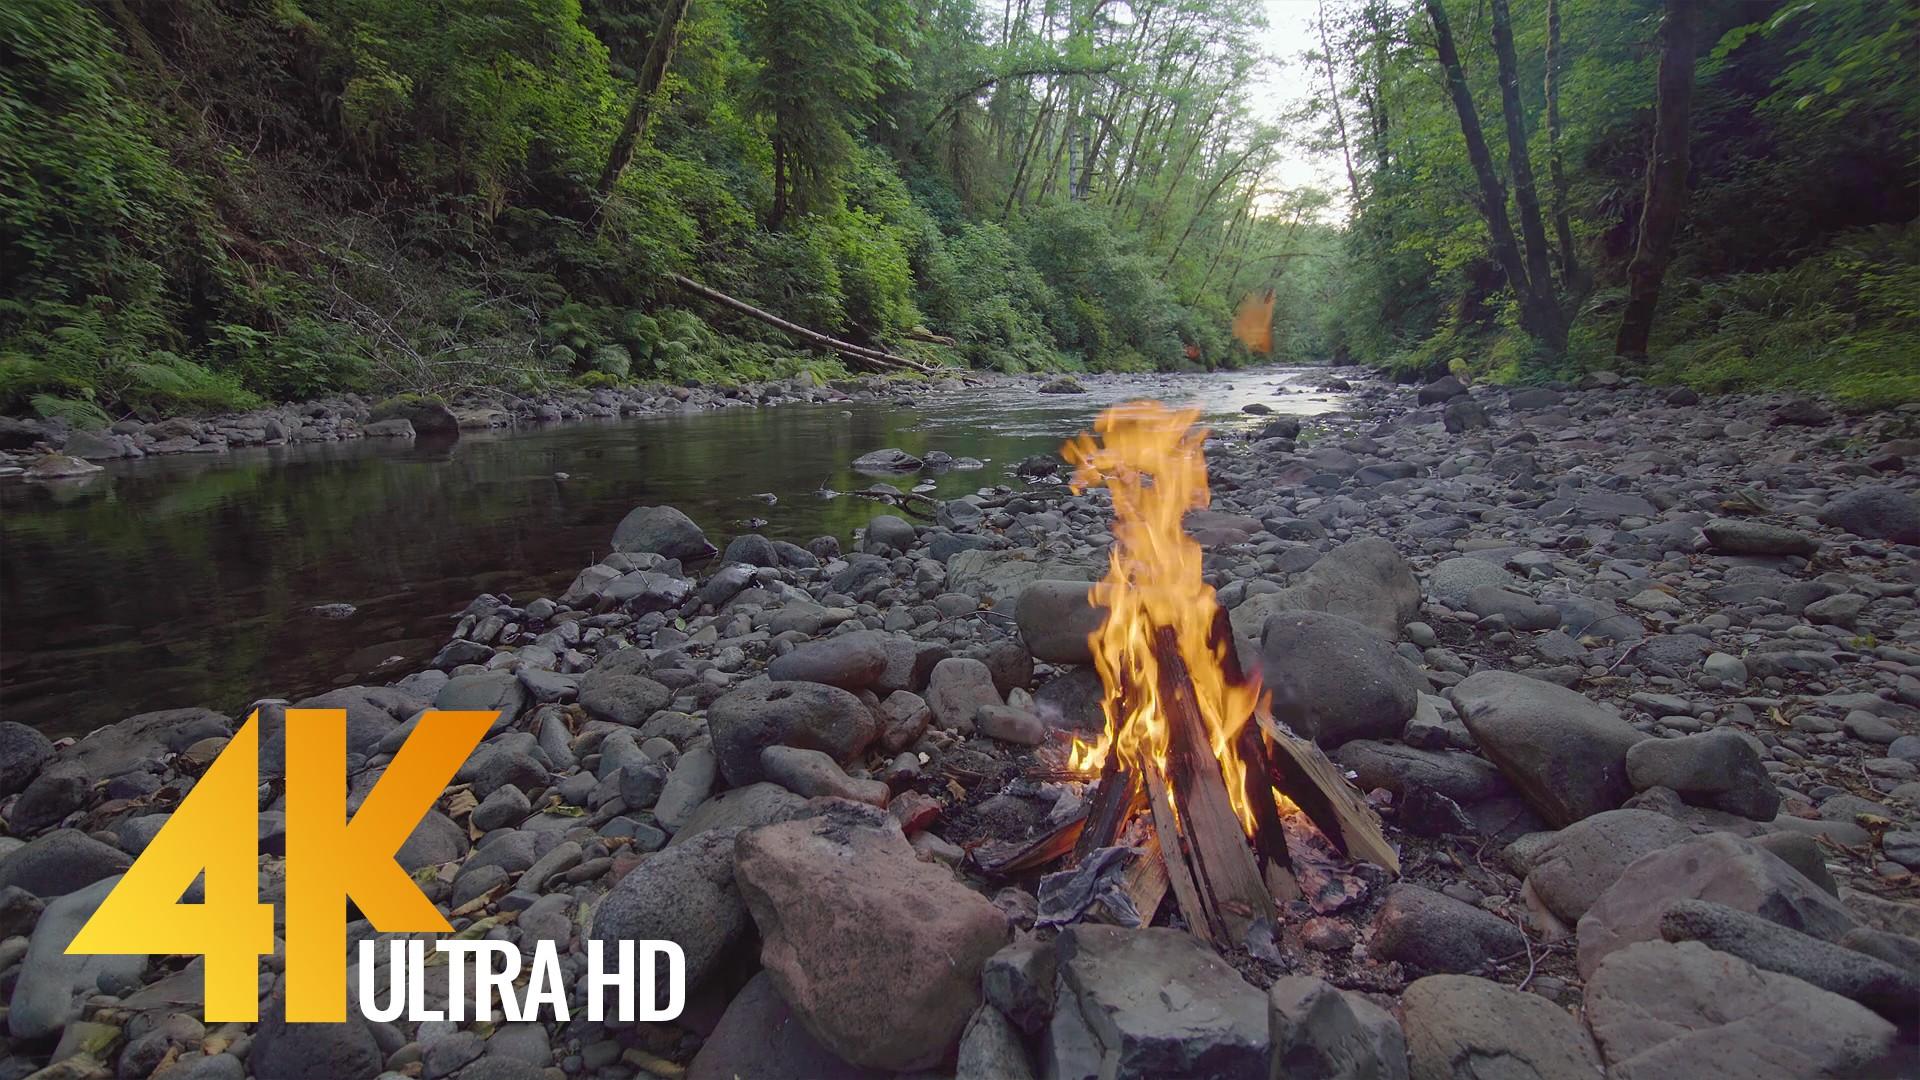 Campfire near the river 2